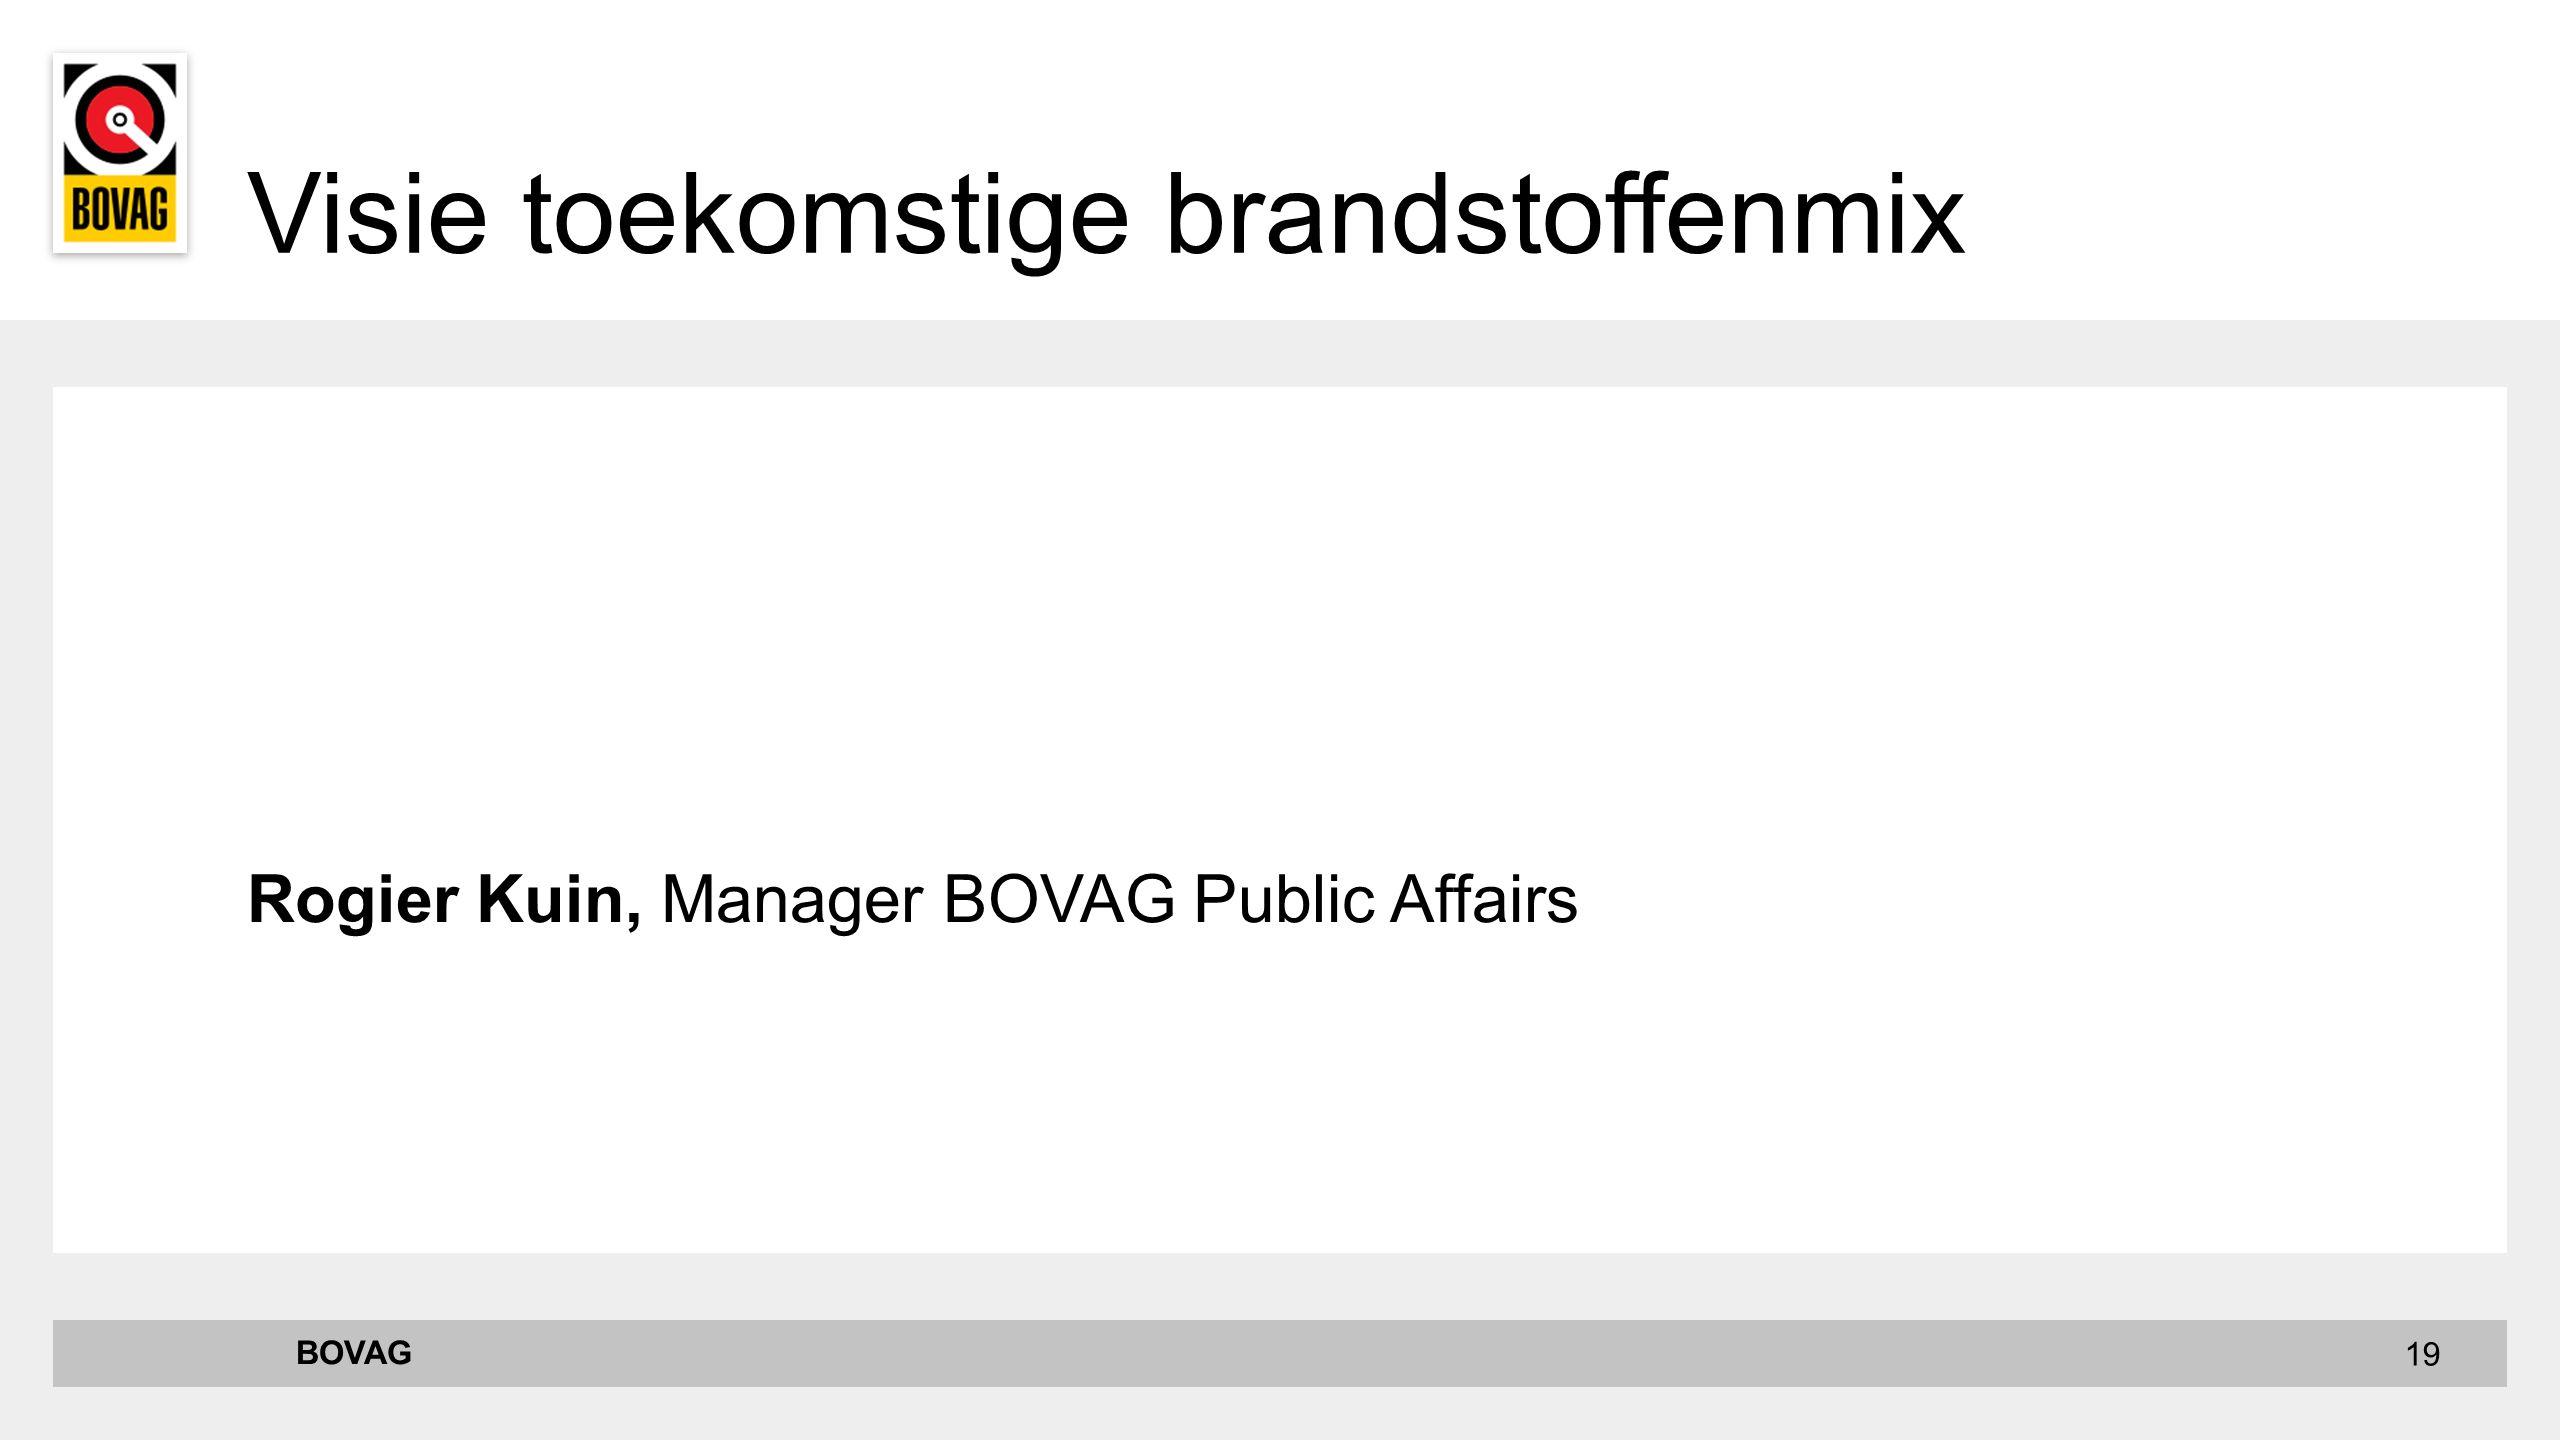 19 BOVAG Rogier Kuin, Manager BOVAG Public Affairs Ledenbijeenkomst BOVAg Tankstations 18 juni 2014 Visie toekomstige brandstoffenmix